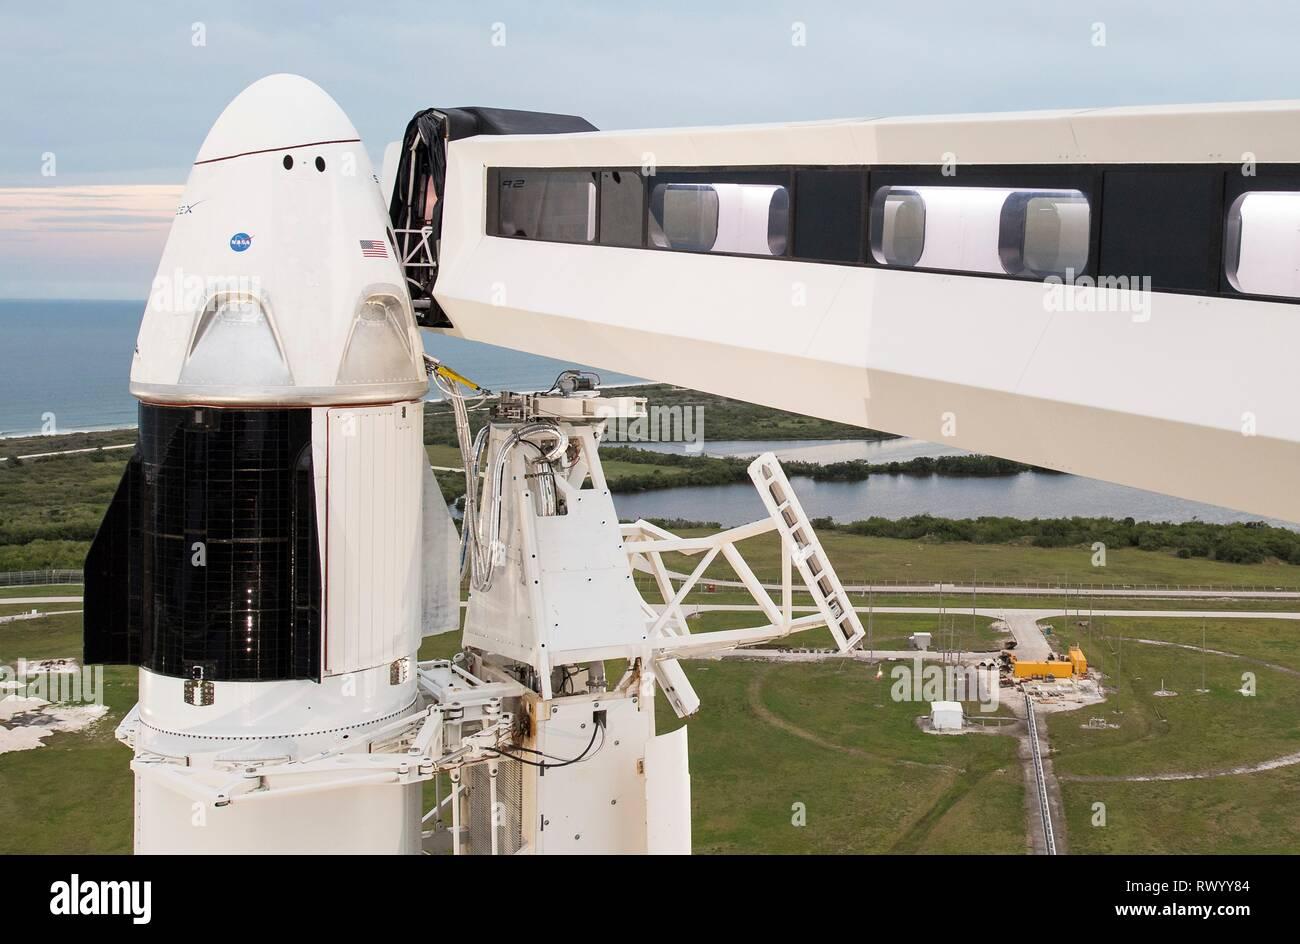 L'équipage de l'engin spatial SpaceX Dragon au sommet de la fusée Falcon 9 et de l'équipage mode d'accès sur l'aire de lancement du complexe de lancement 39A prêt au lancement de la mission de démonstration-1 au Centre spatial Kennedy le 1 mars 2019 à Cape Canaveral, en Floride. Photo Stock